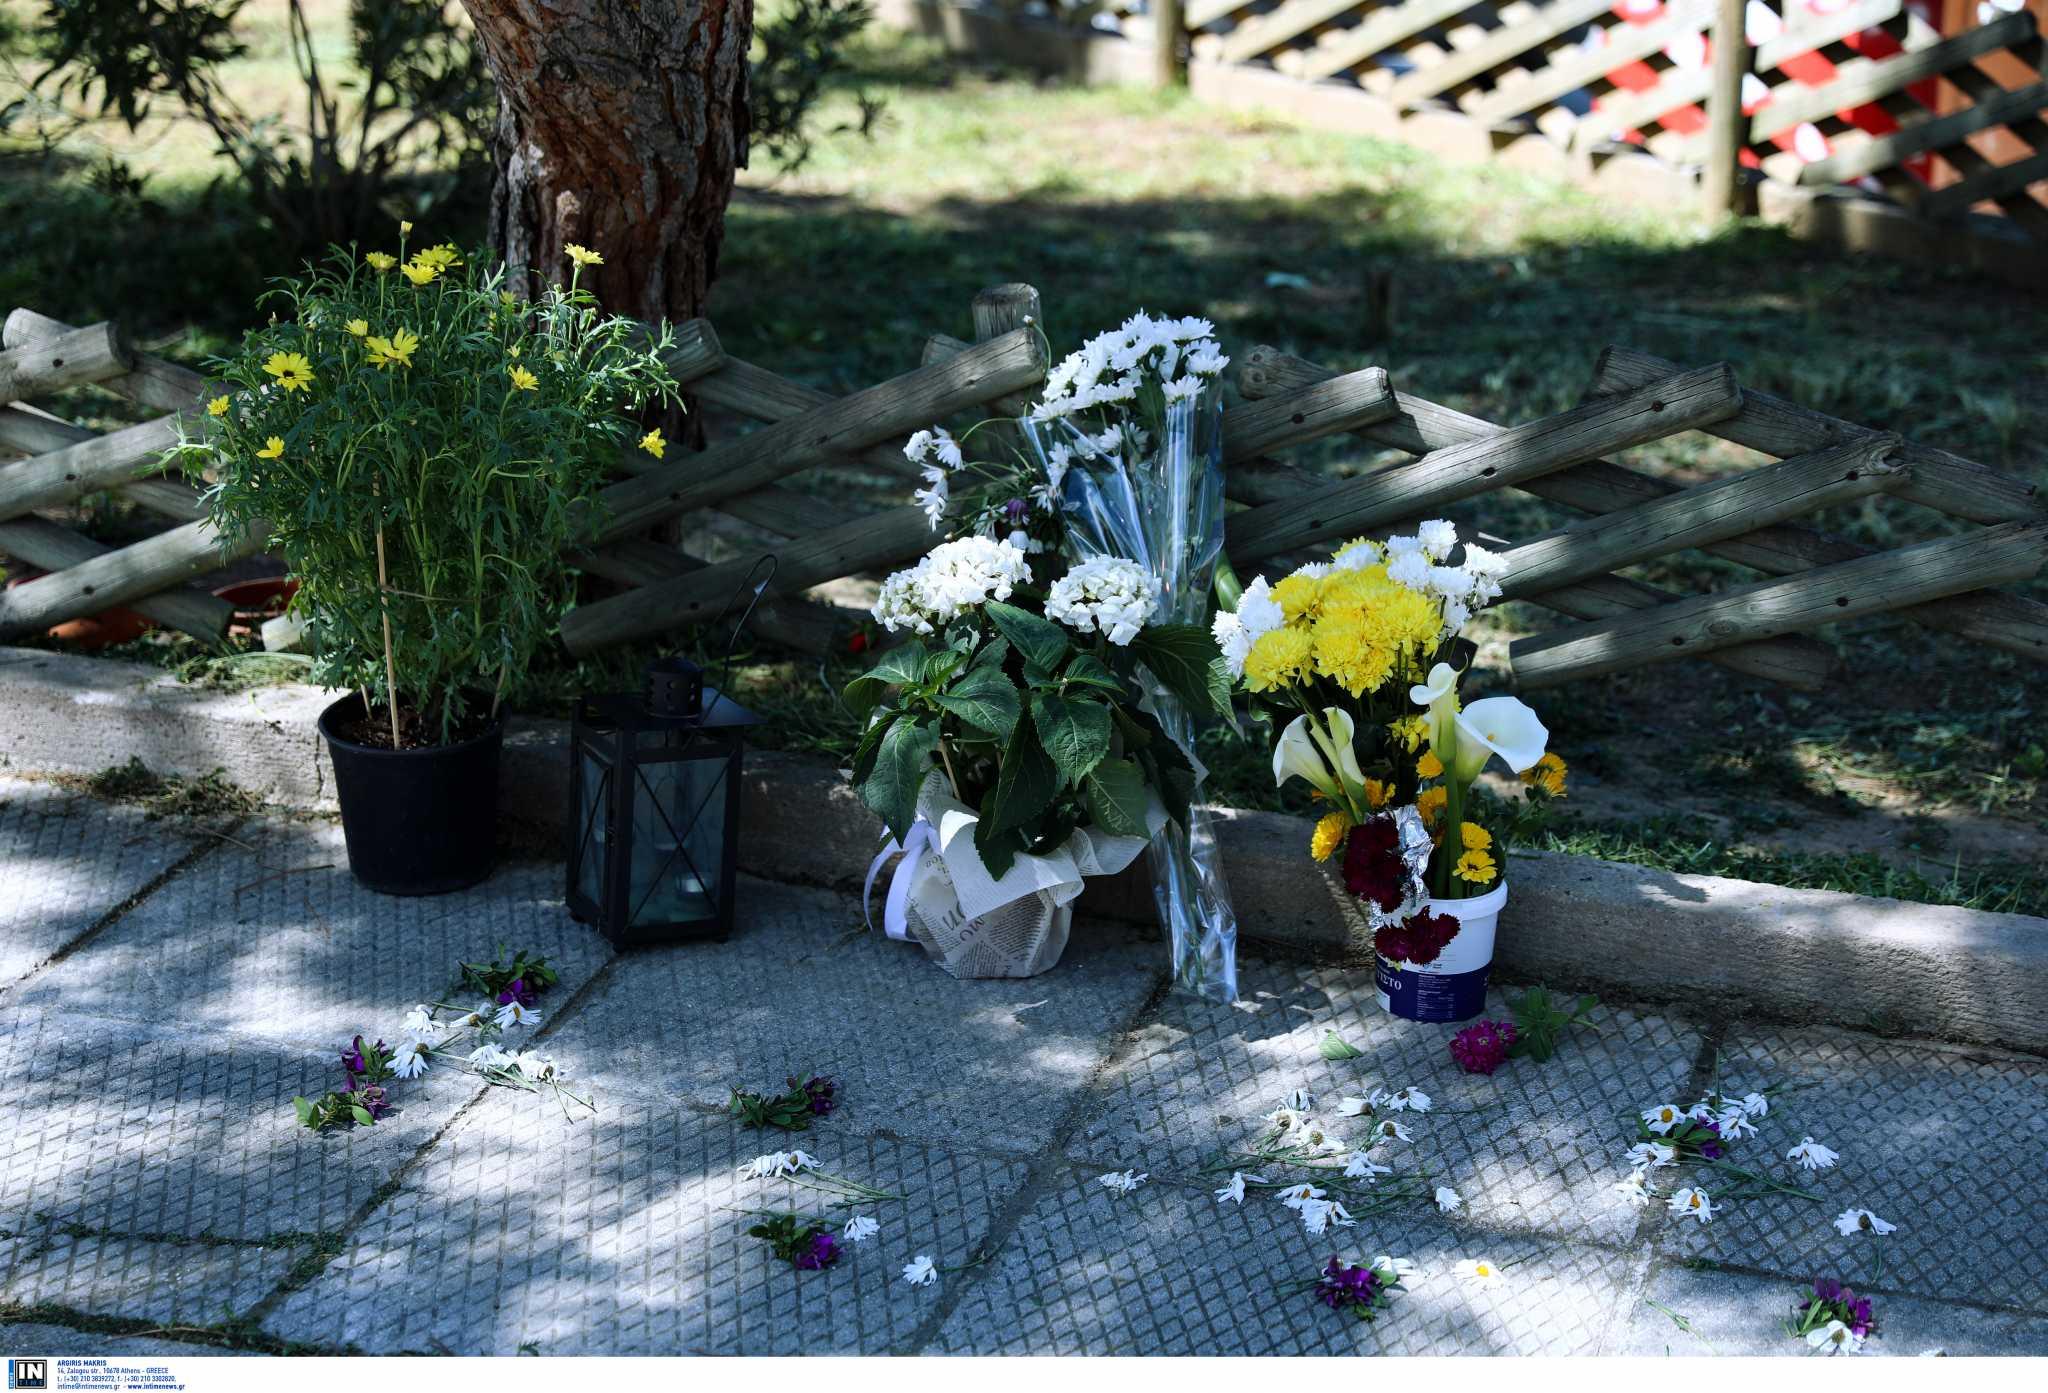 Γιώργος Καραϊβάζ – Ιατροδικαστής : «Θανατηφόρες οι 9 από τις 10 σφαίρες»